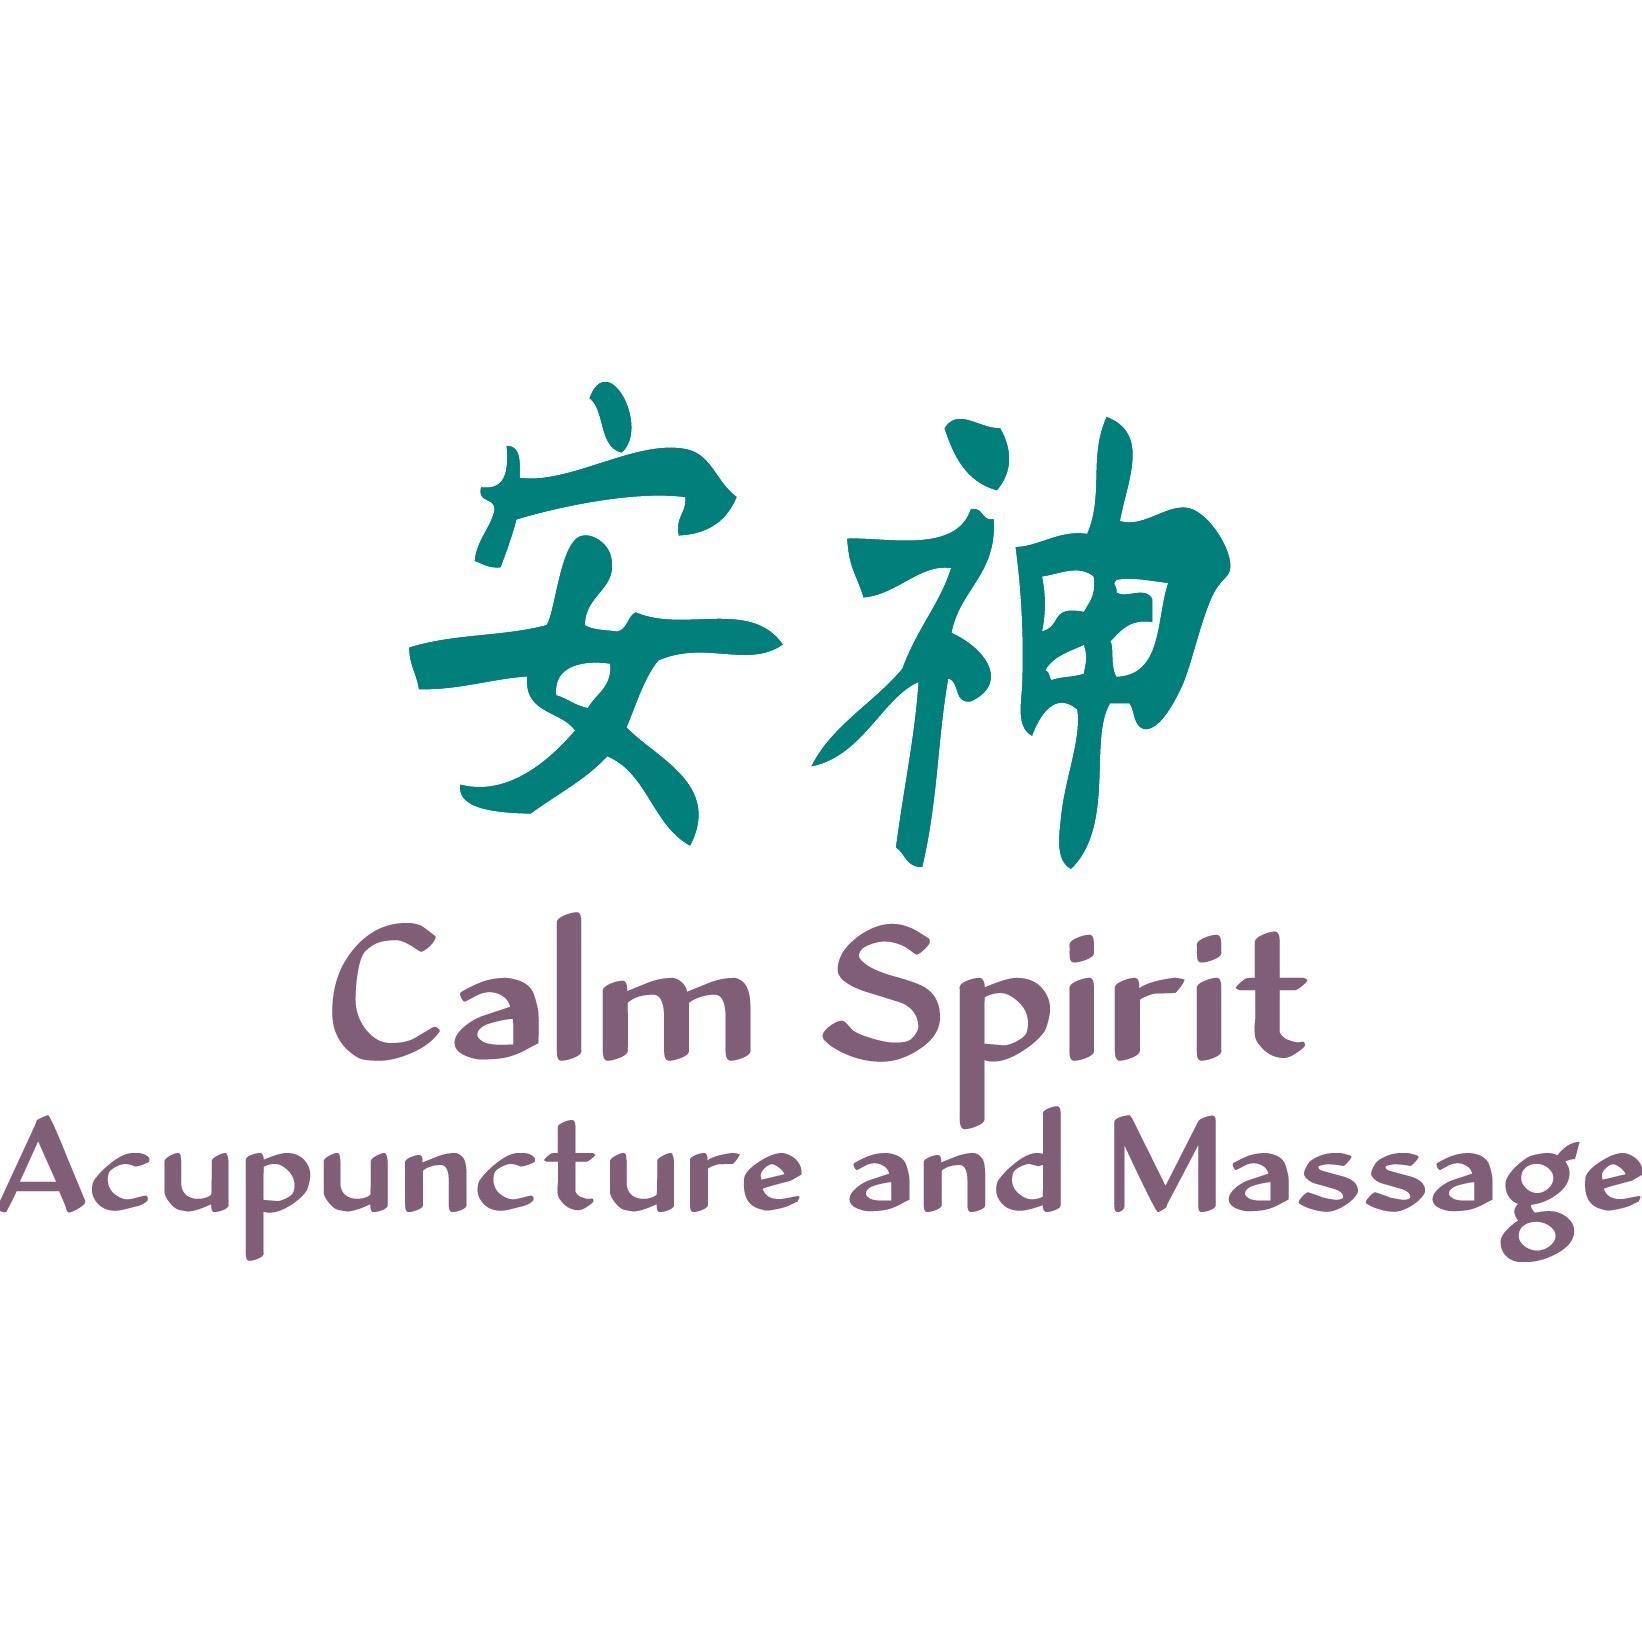 Calm Spirit Acupuncture and Massage - Arvada, CO - Acupuncture